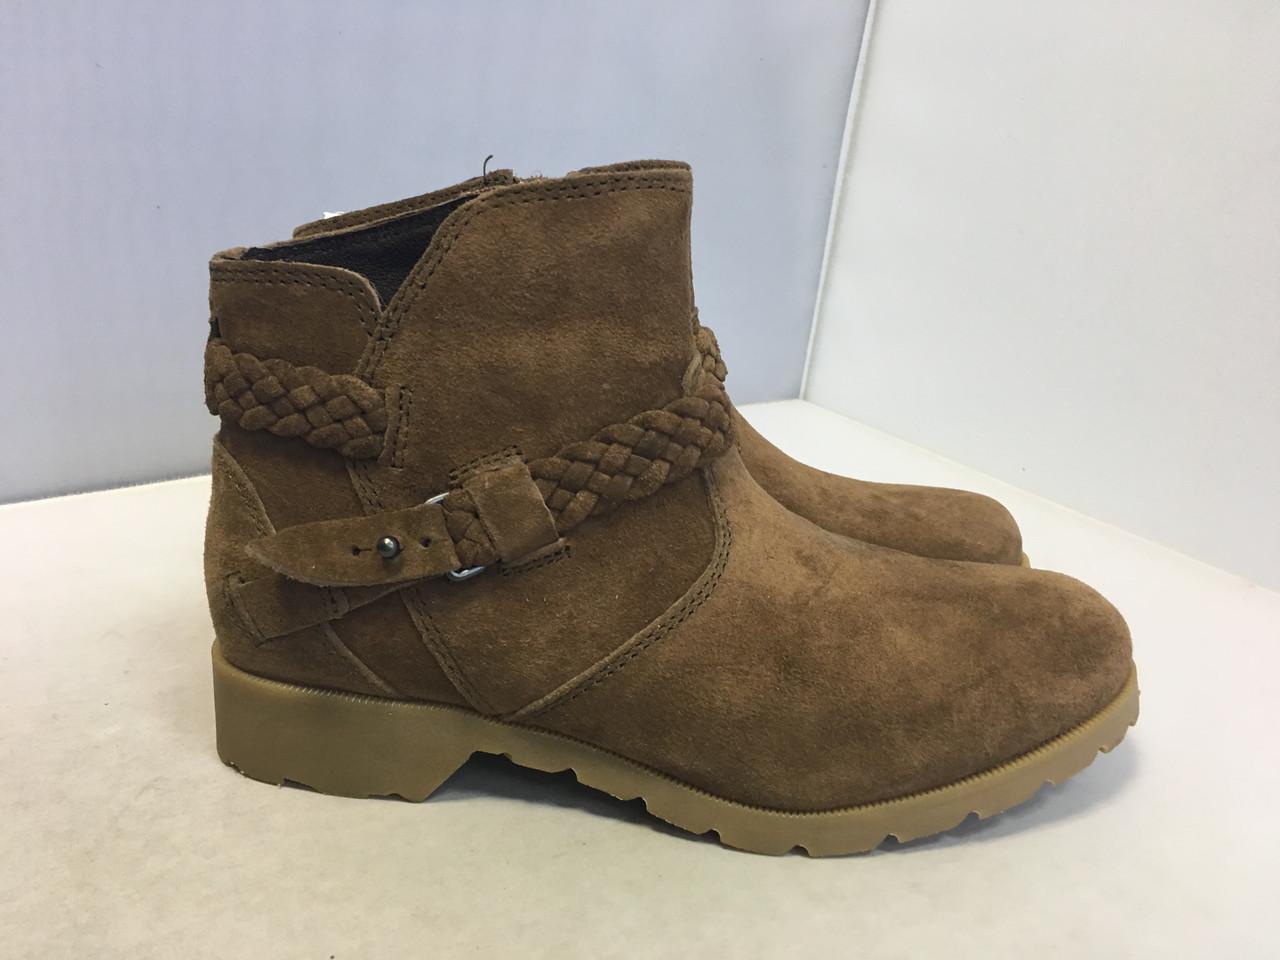 Женские ботинки Teva, 37 размер, фото 1